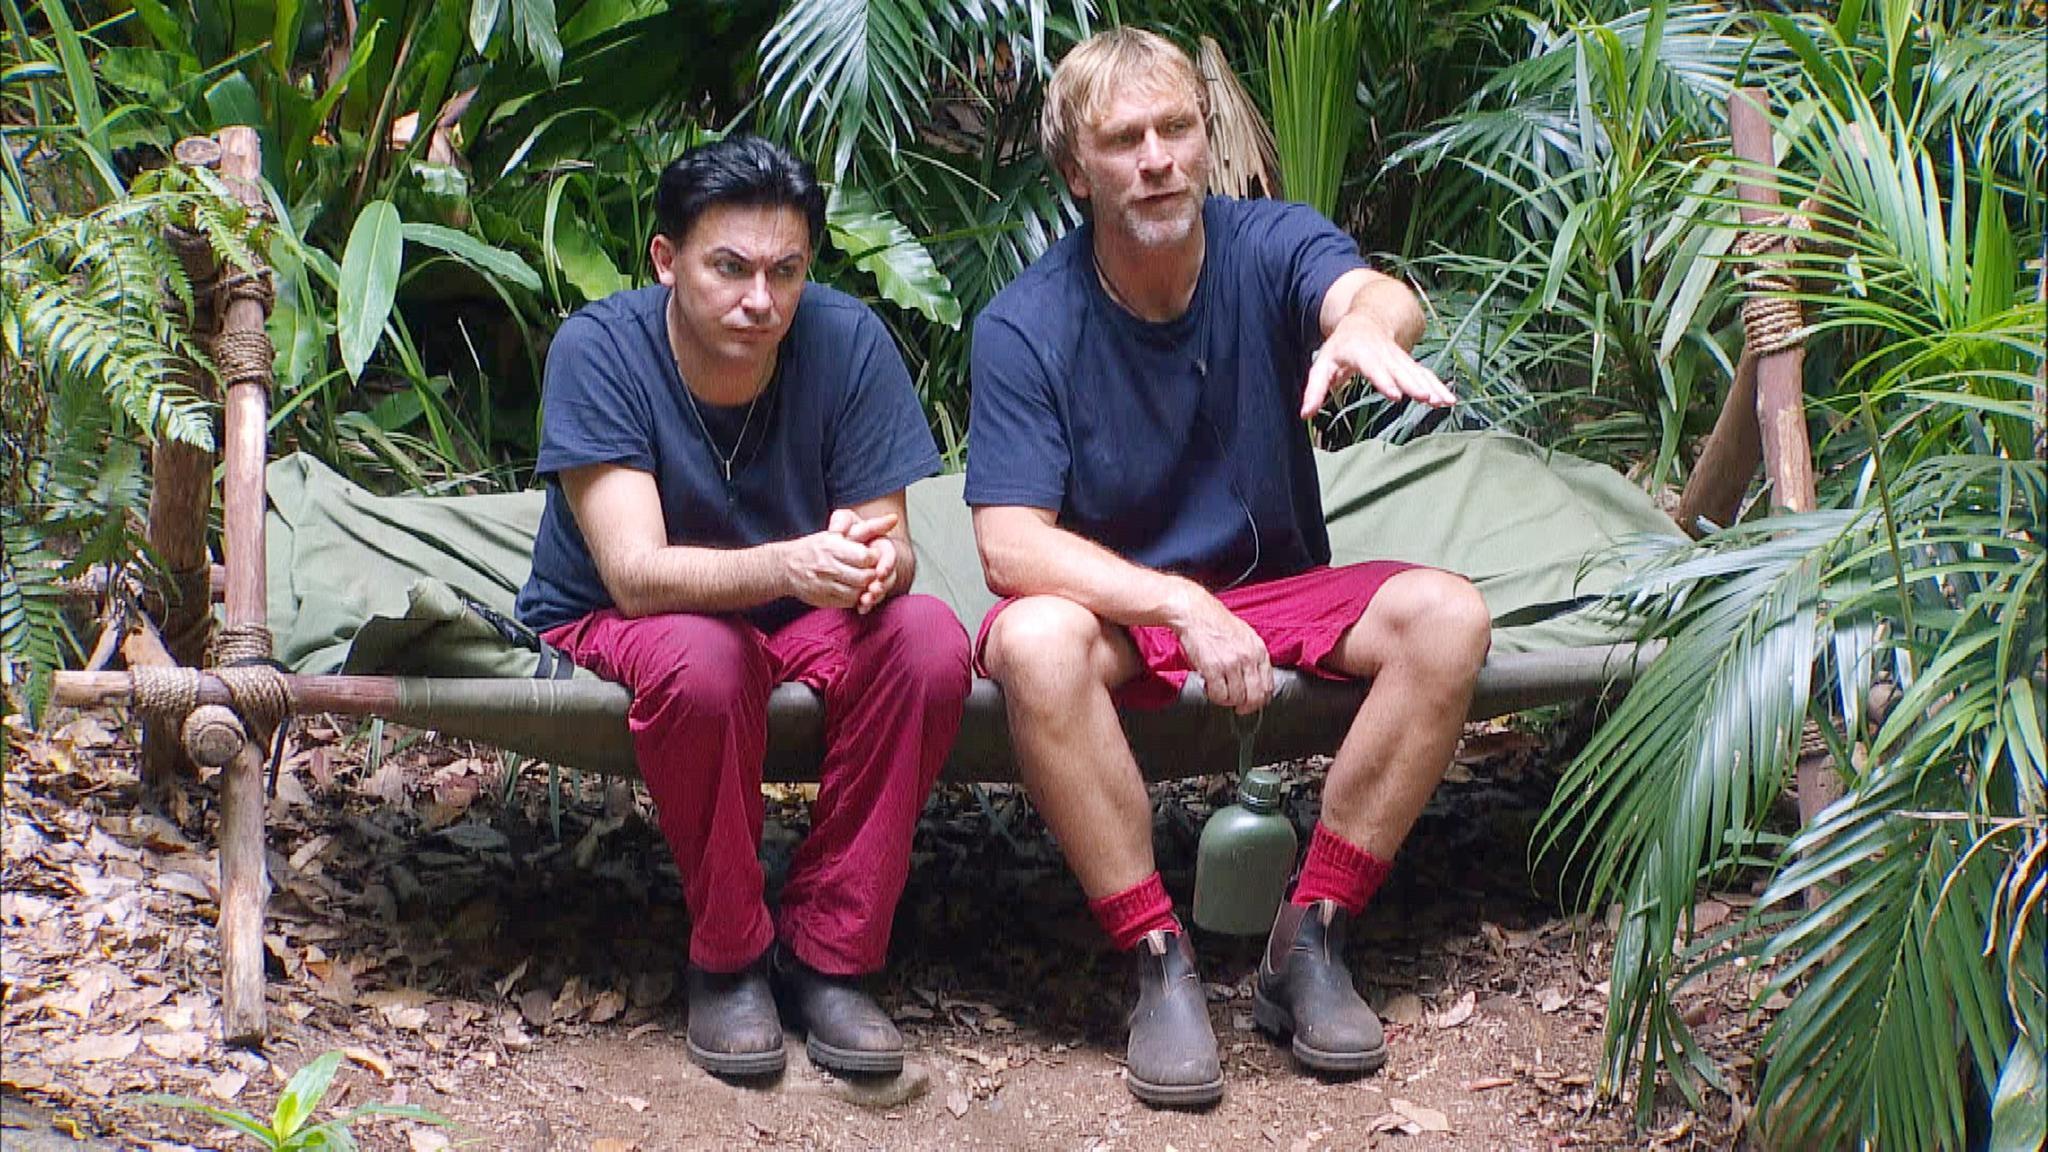 Matthias und Ansgar im Mecker-Modus